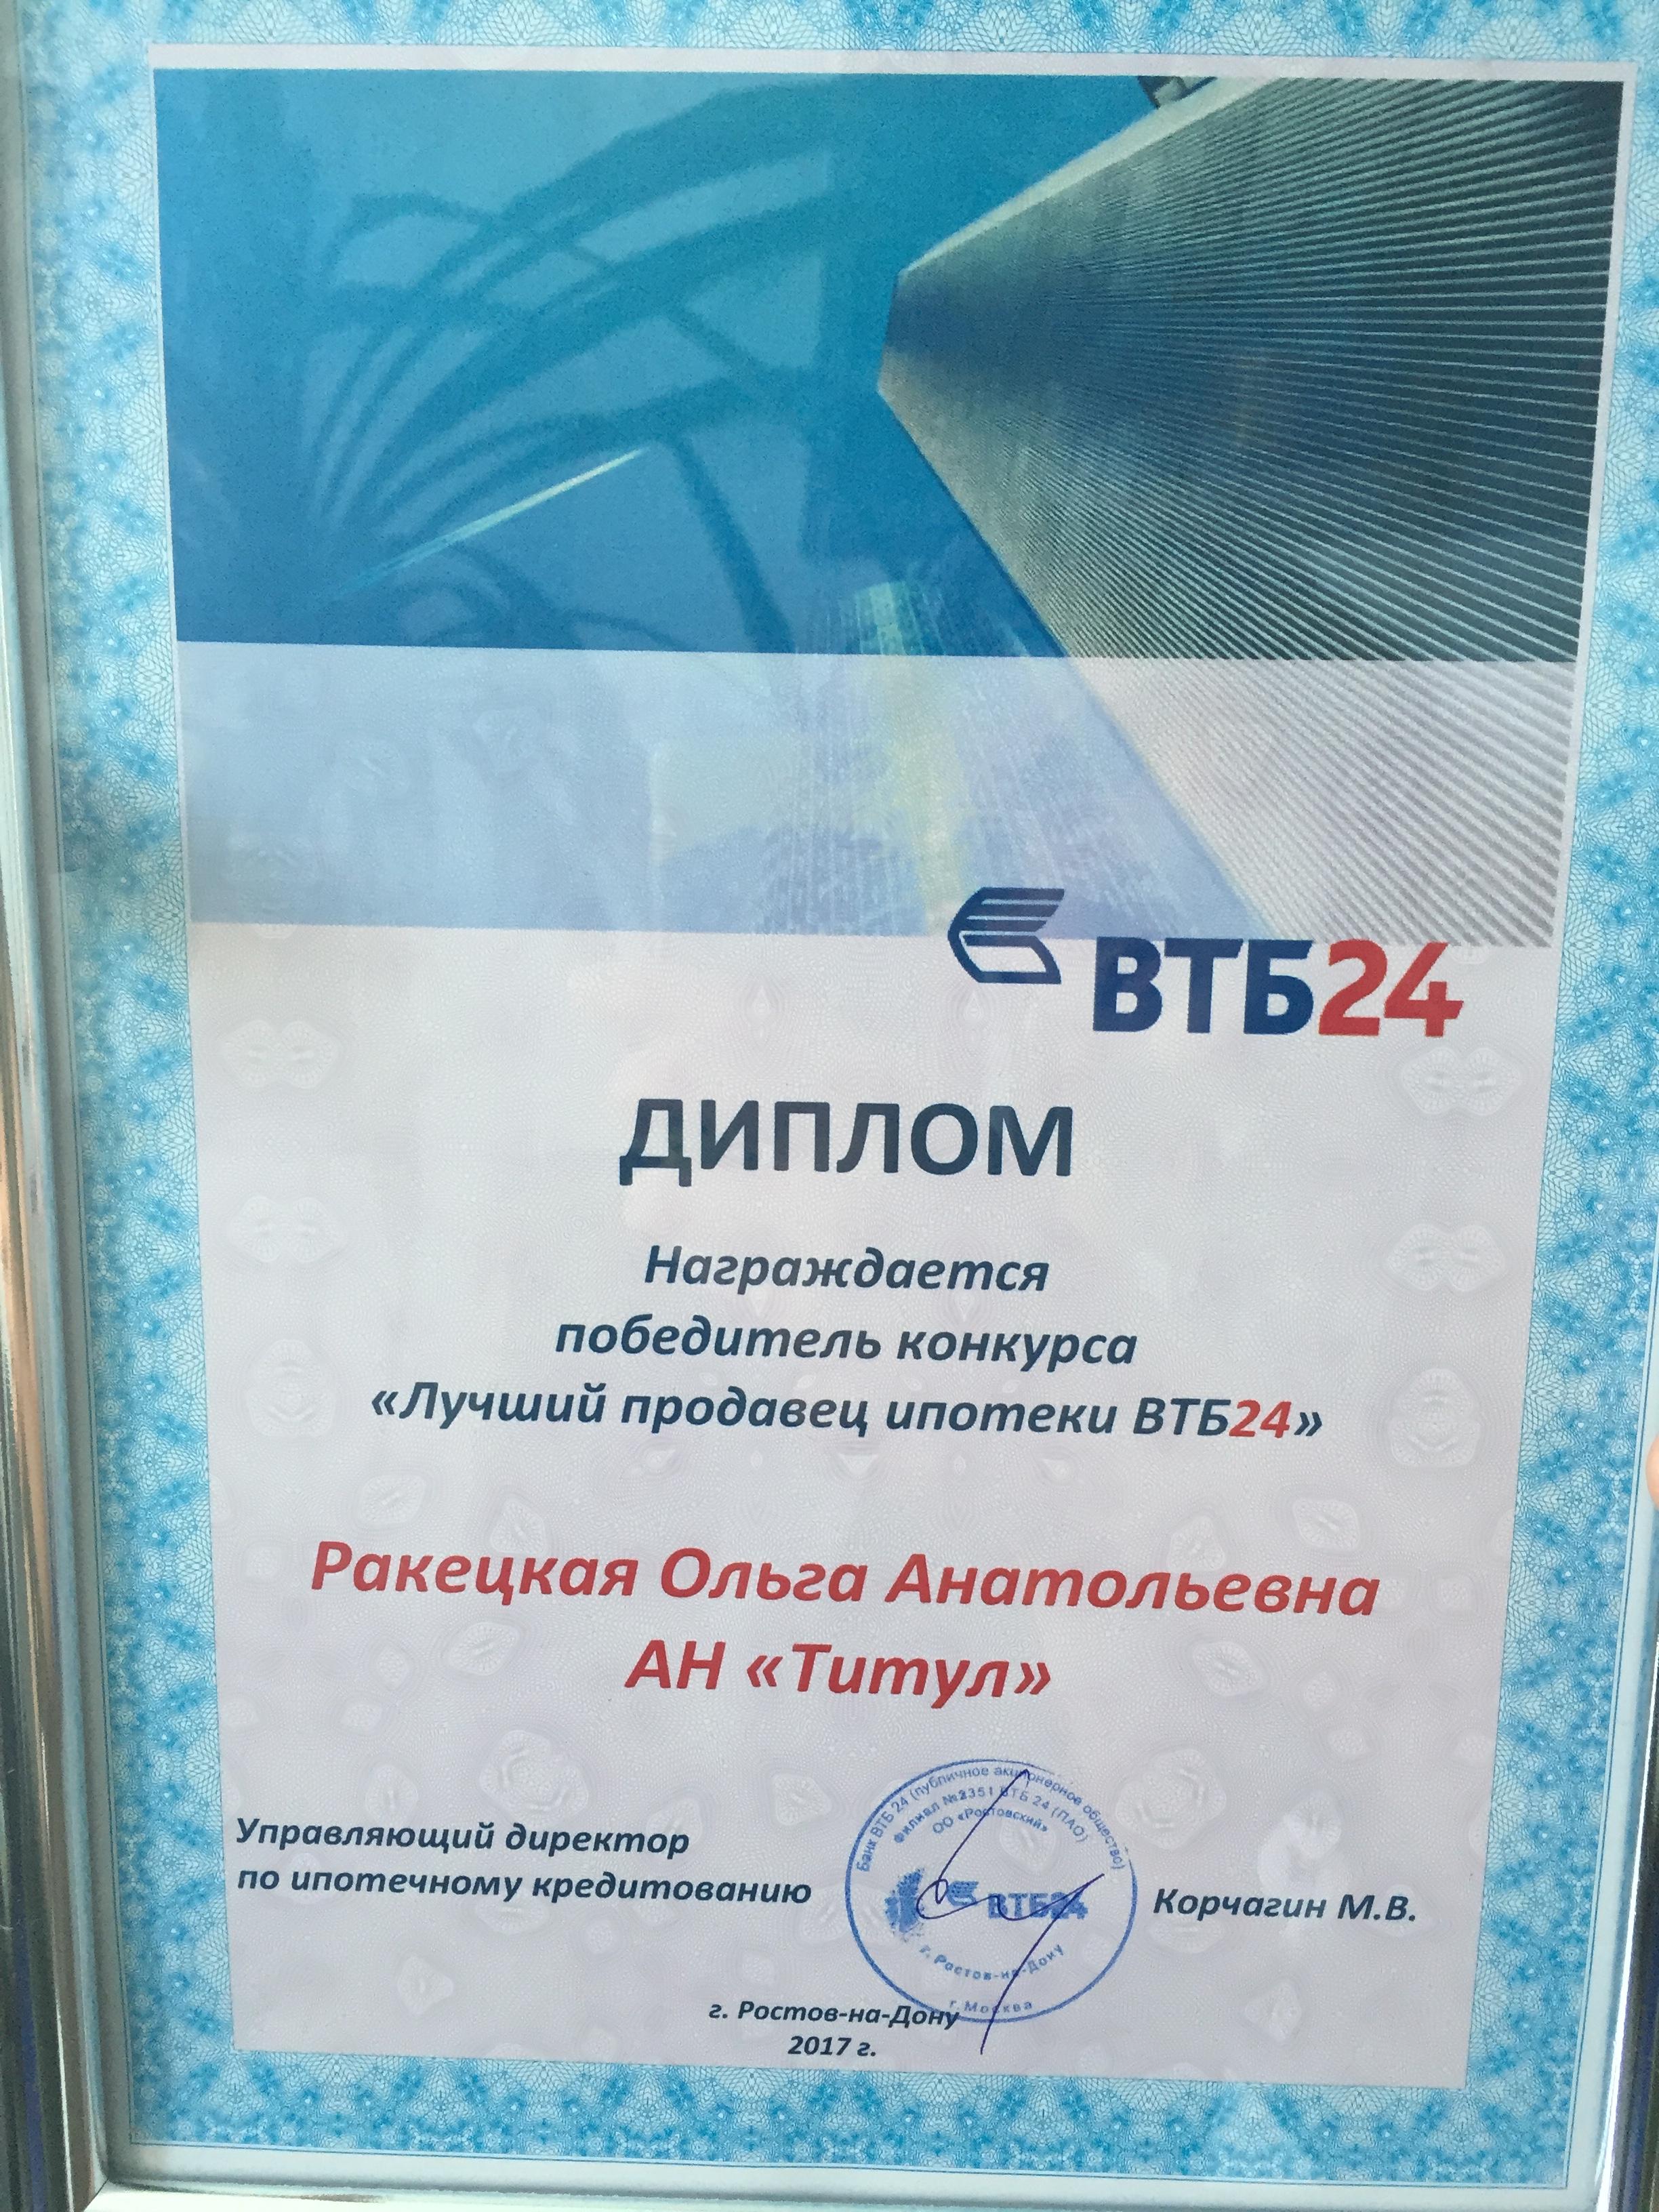 Новости Сотрудники Титула лучшие продавцы ипотеки  года второй ипотечный брокер компании Попова Юлия была награждена дипломом Лучший продавец ипотеки в номинации Лучший партнер ВТБ 24 по ипотечному